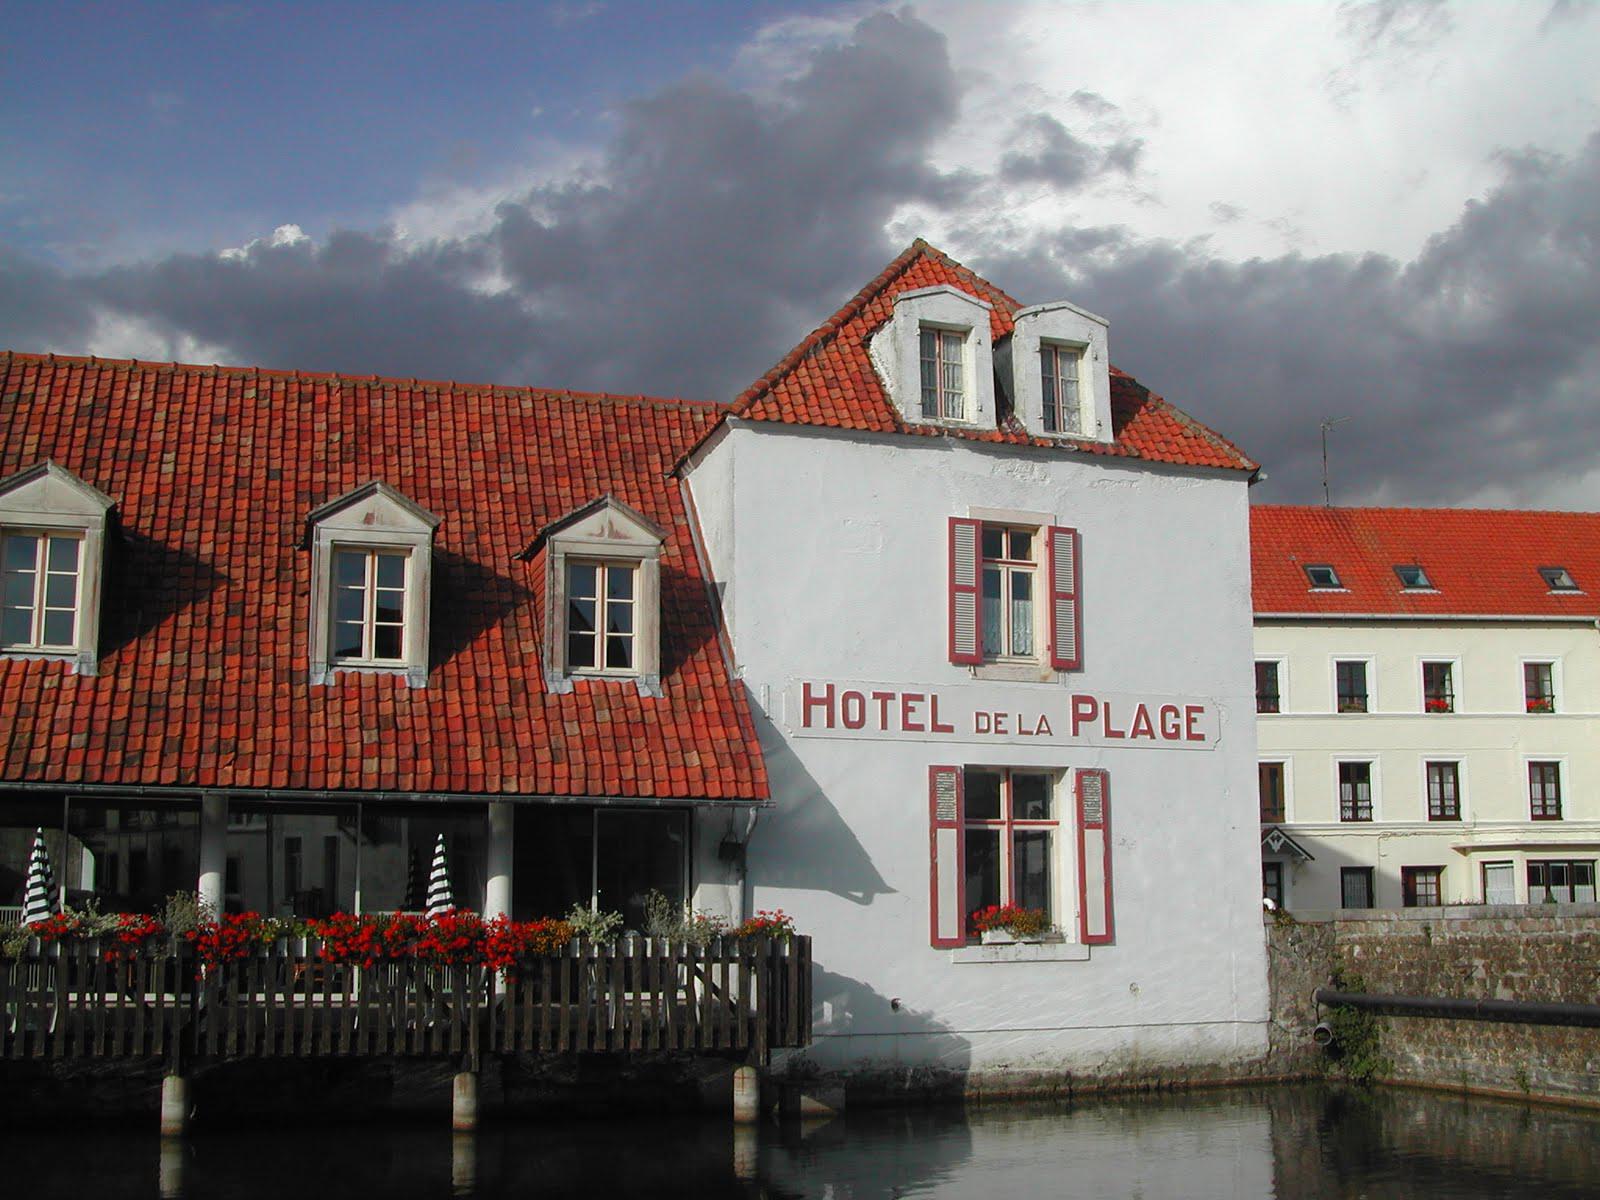 Village Hotel de la plage0960